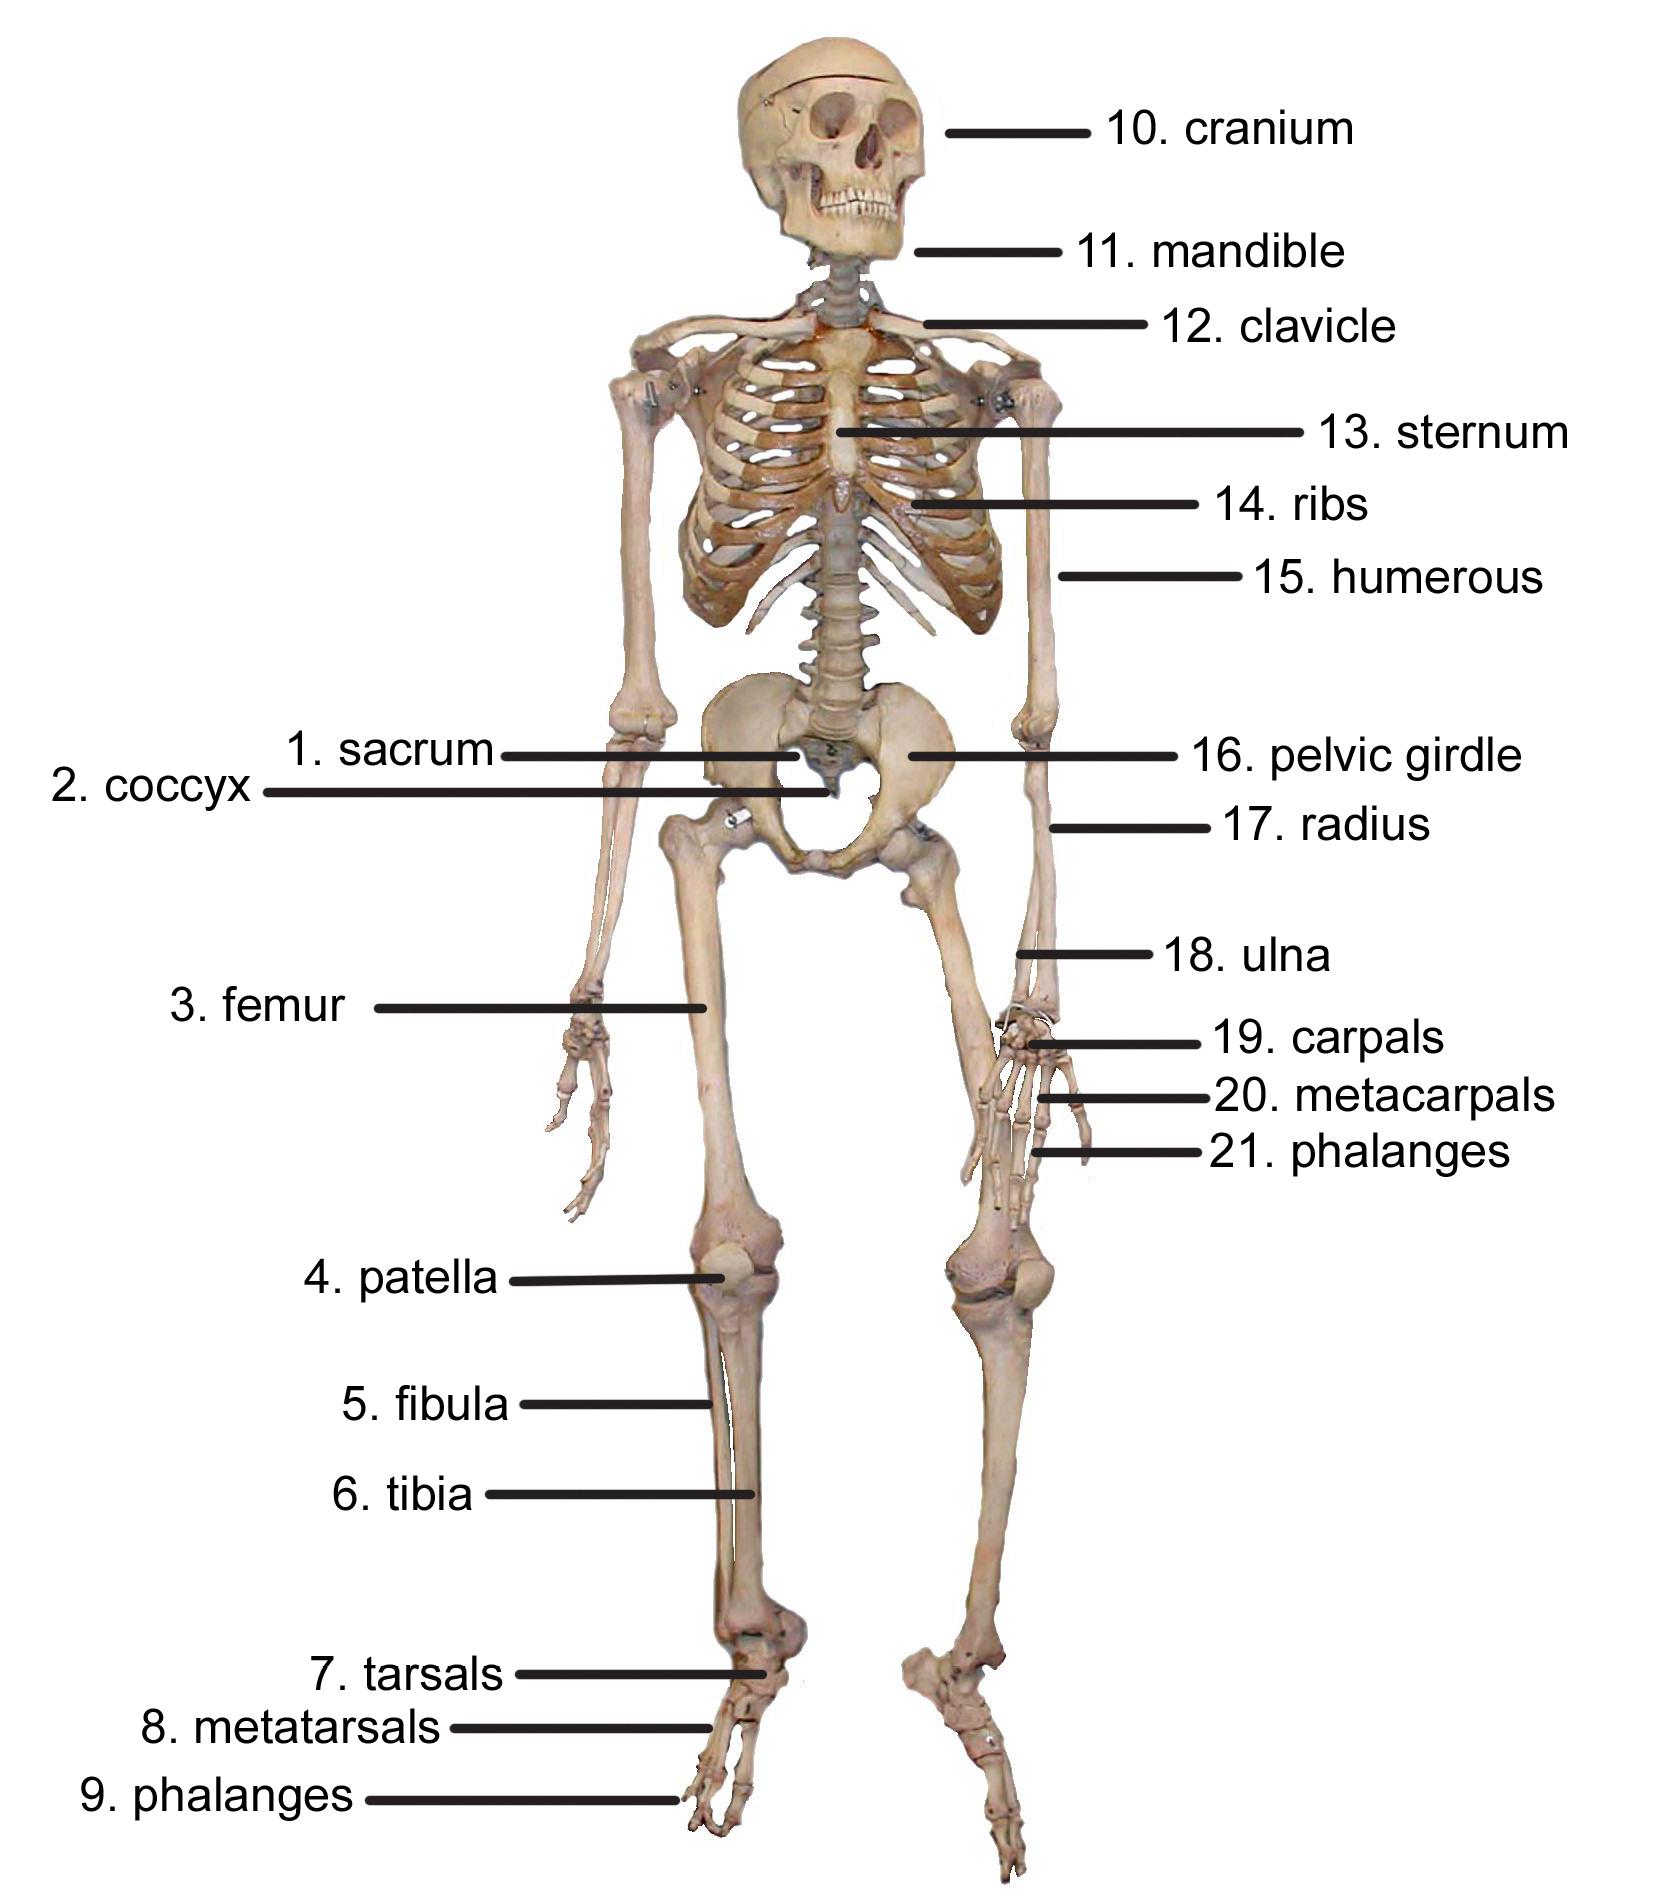 Skeleton Diagram Images | Human skeleton anatomy, Human ...